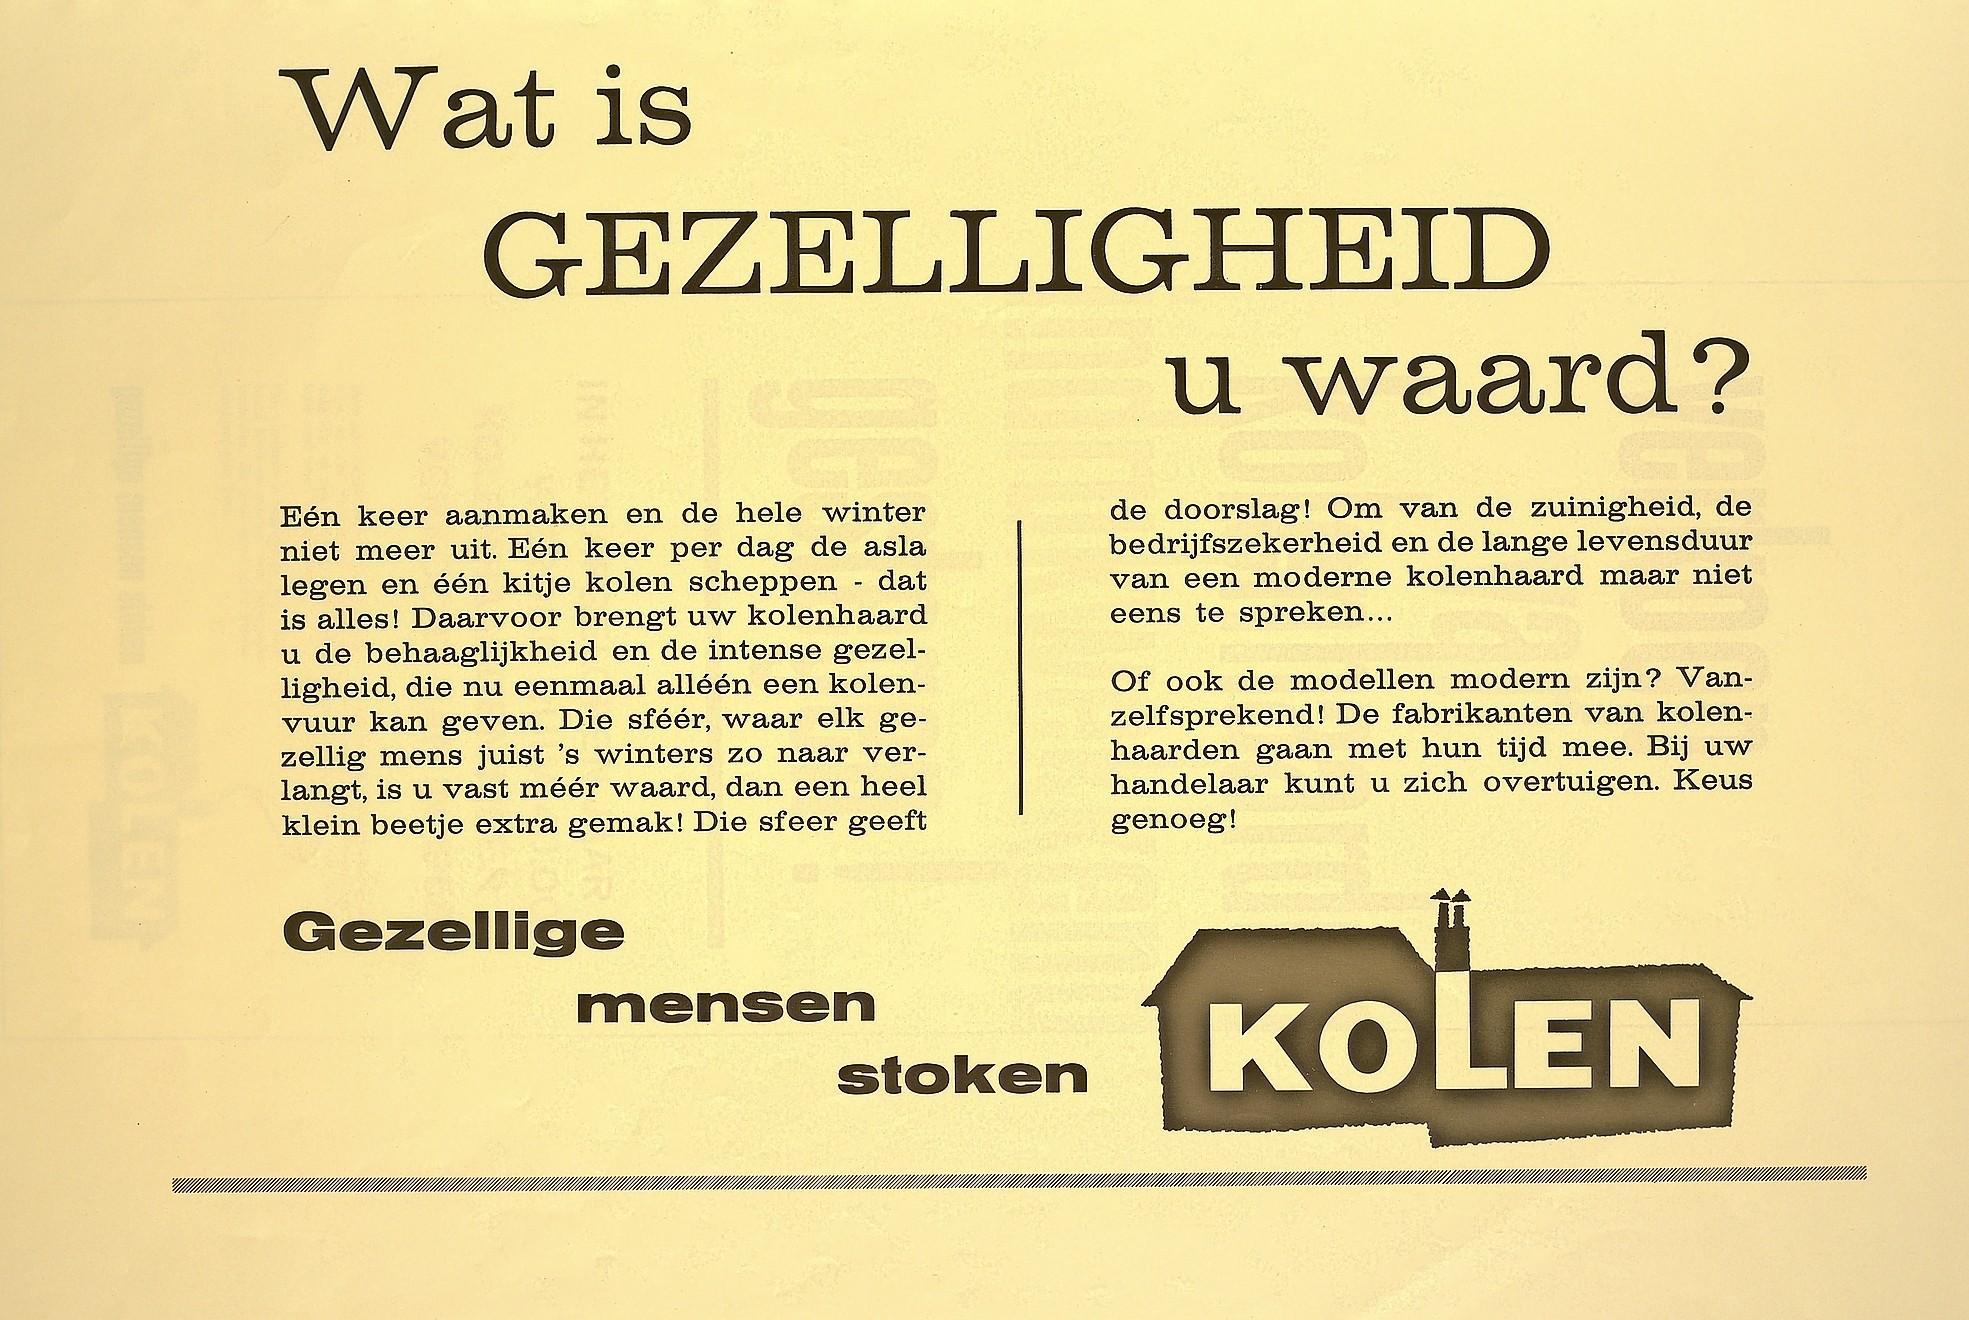 De vorige energietransitie, - van kolen naar gas - ging in Nederland vrij vlot